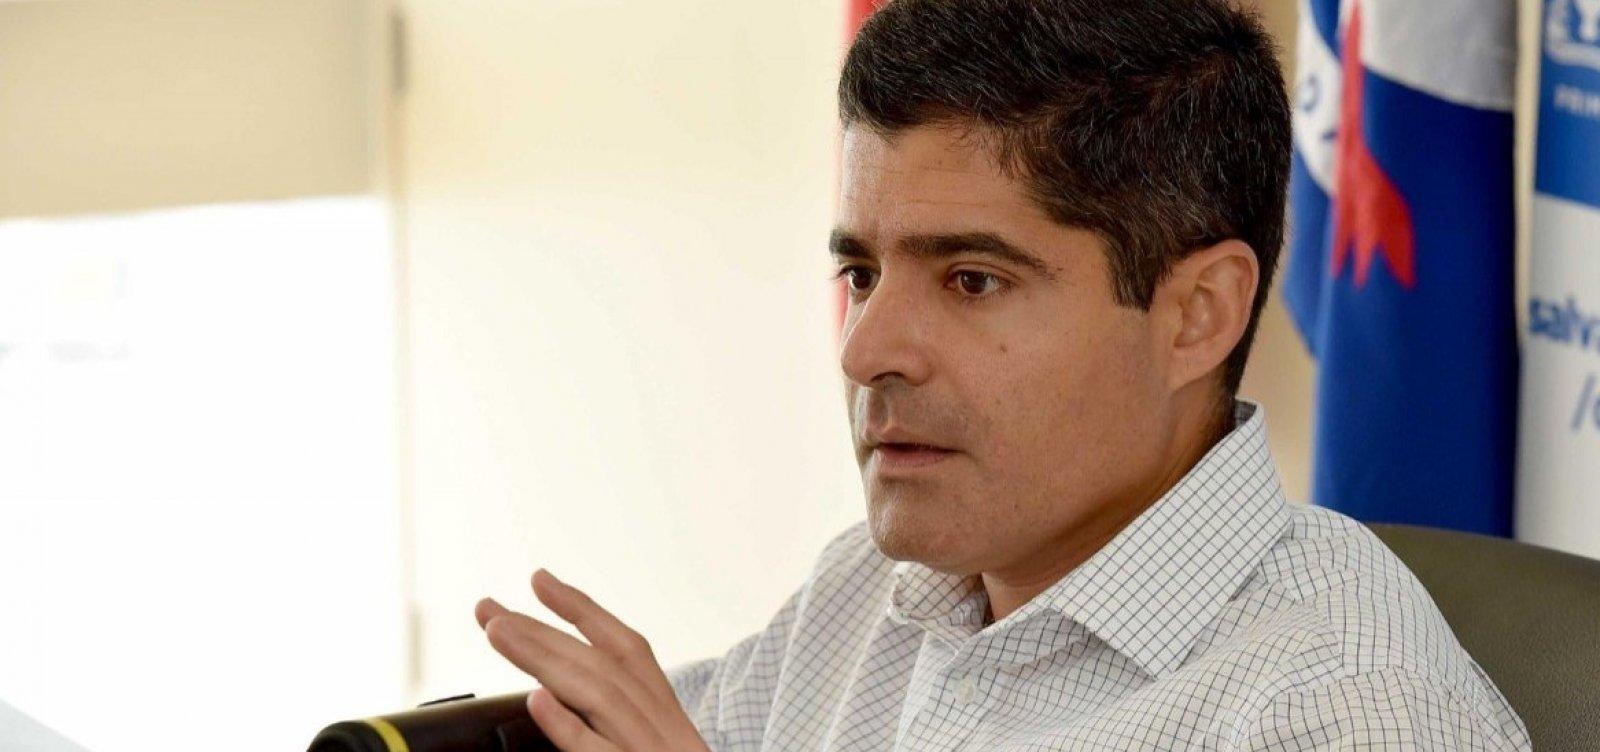 ACM Neto evita comentar atrito com João Roma e diz que 'futuro a Deus pertence'